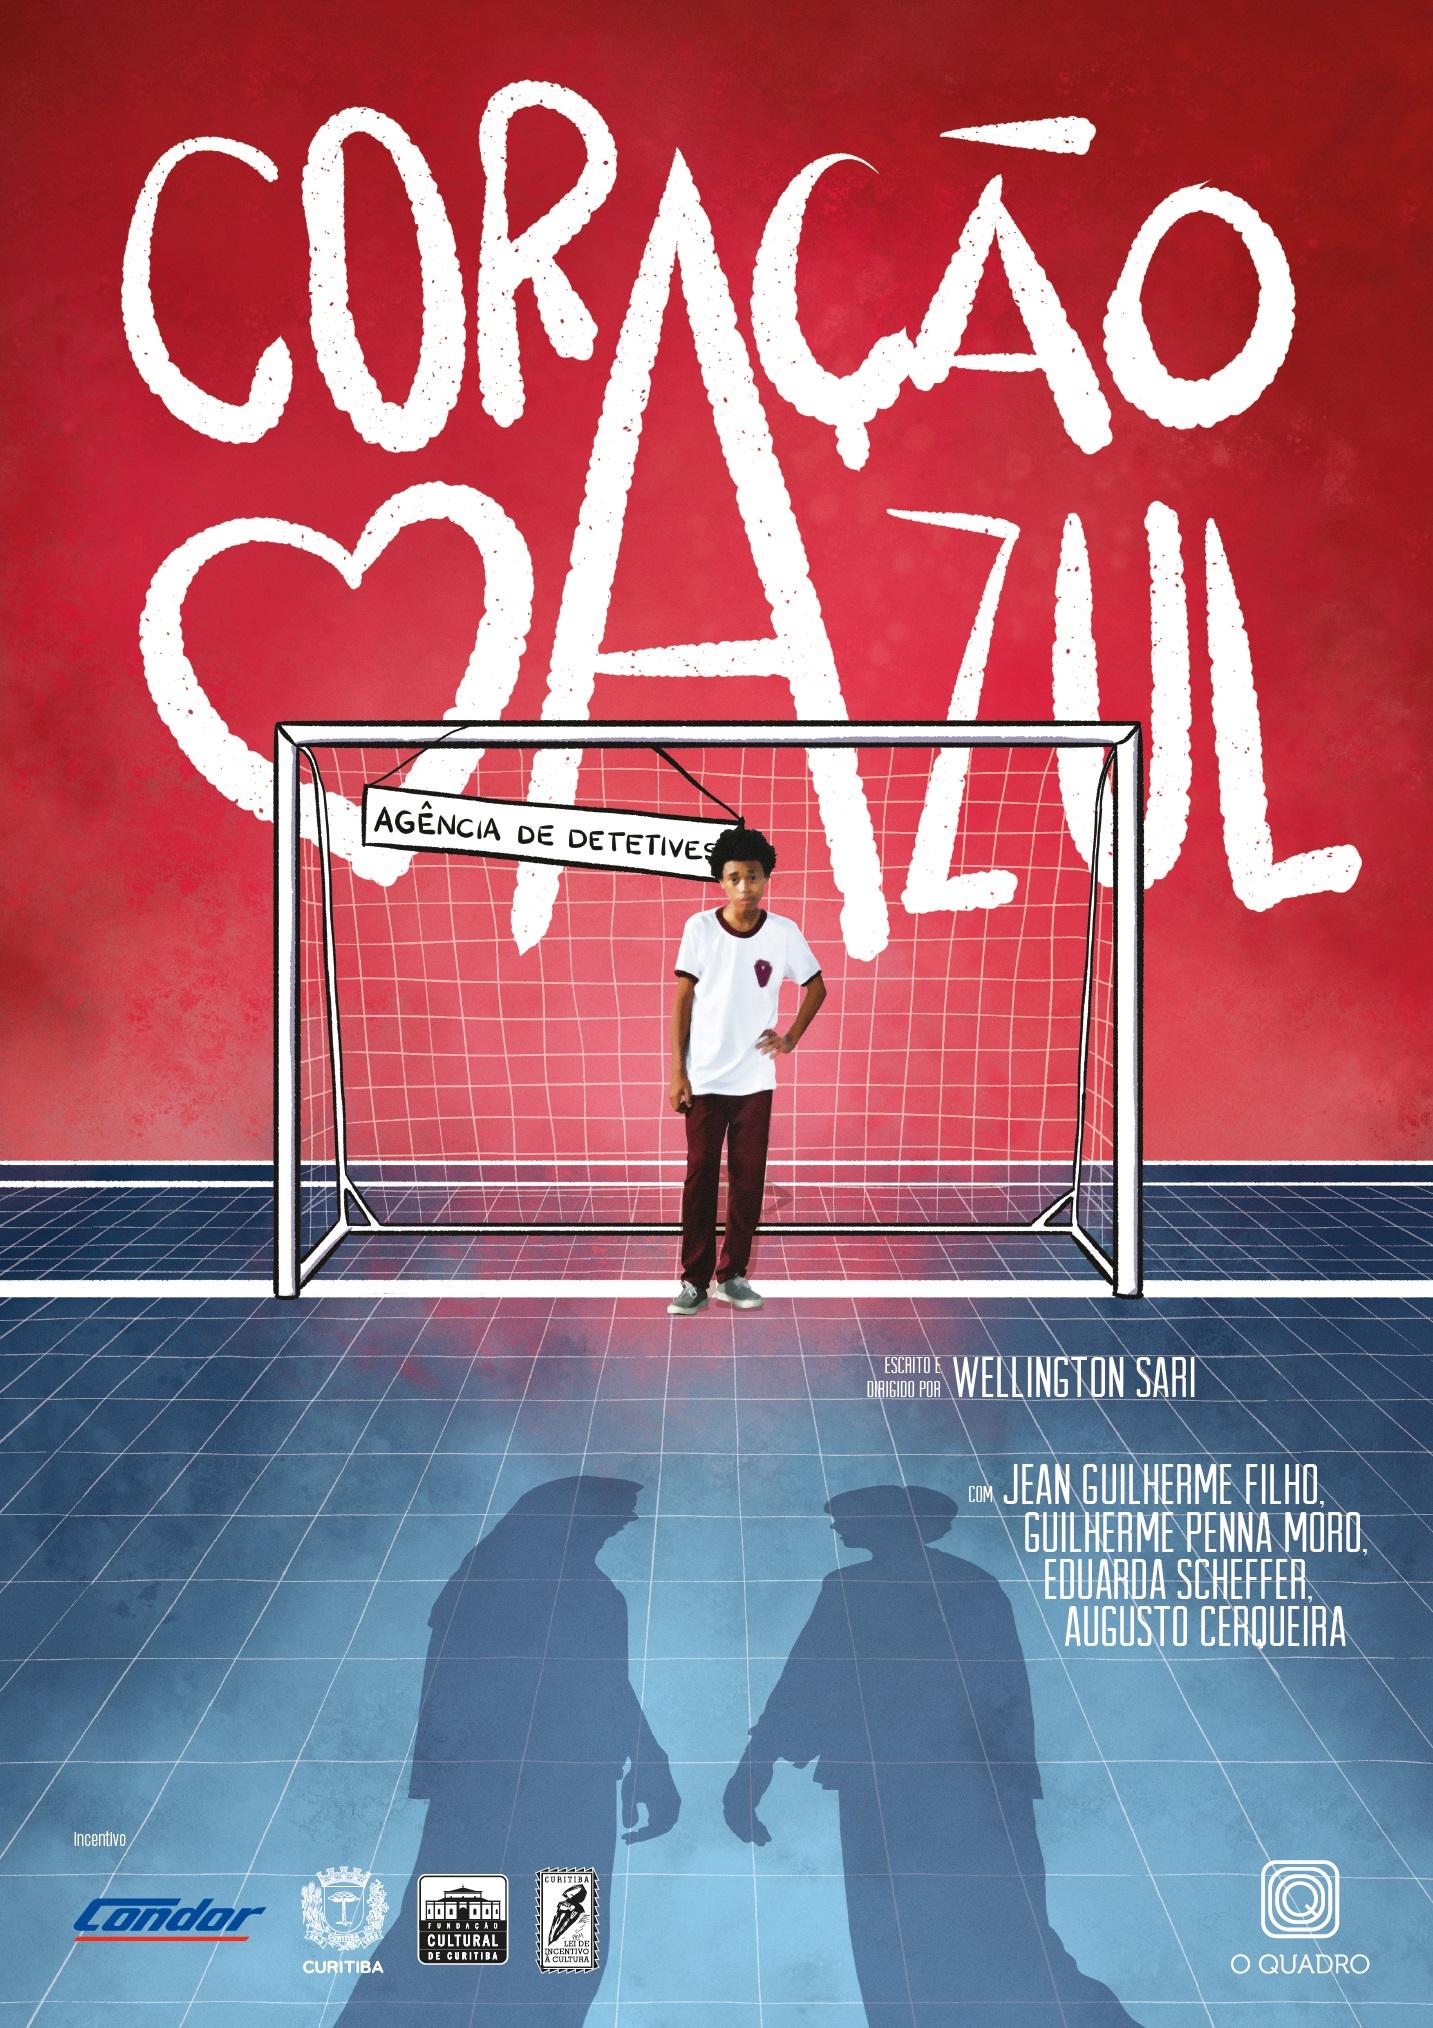 Coração_Azul_poster.jpg